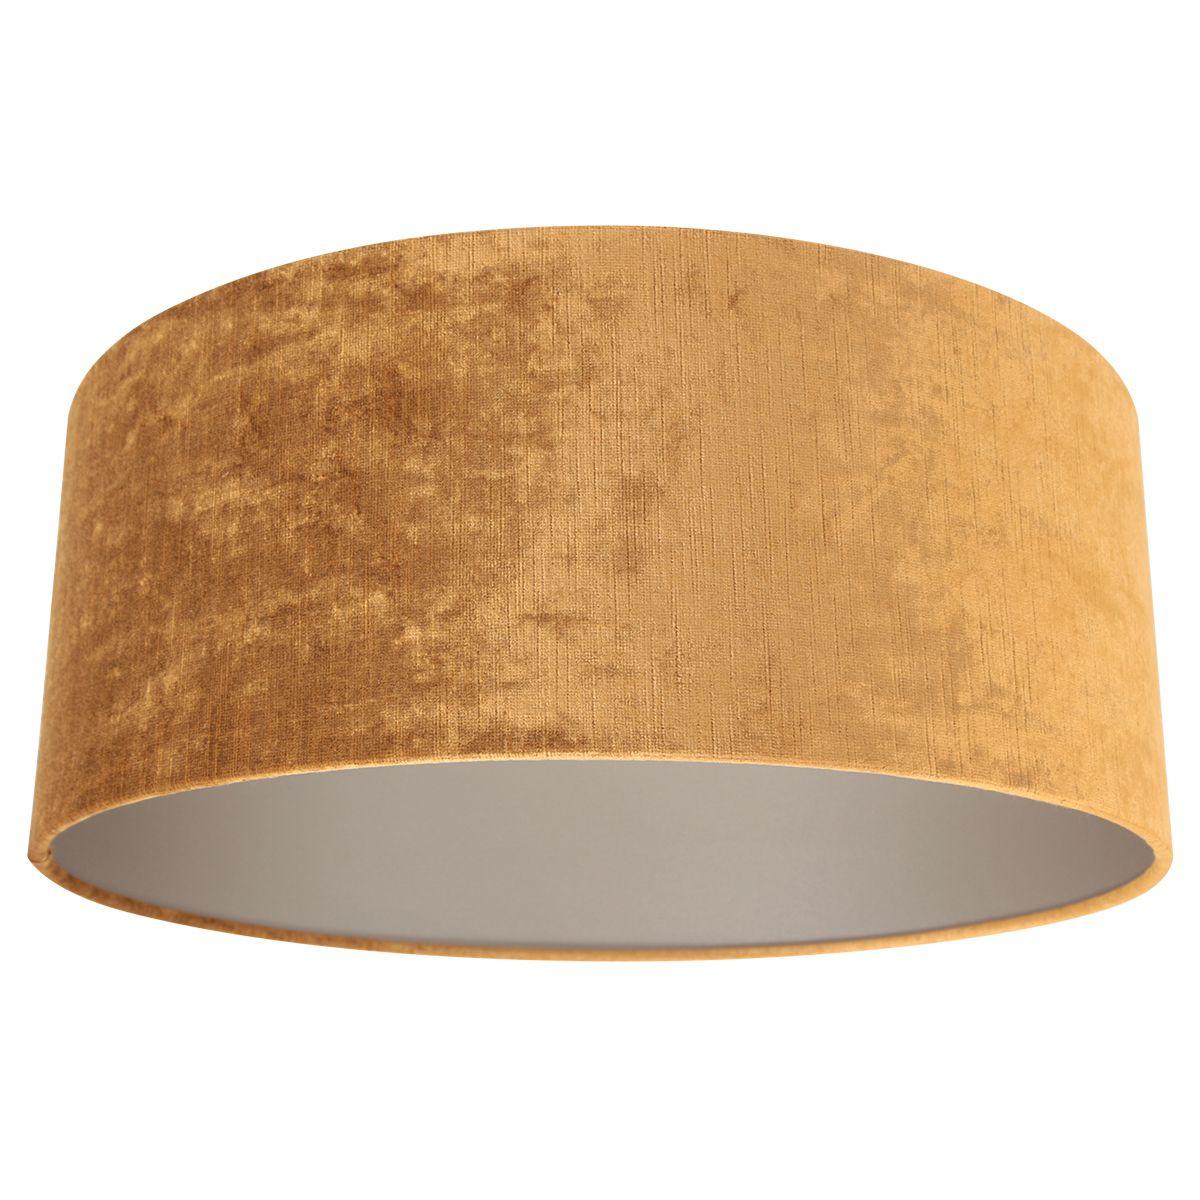 Steinhauer - Kap - lampenkap Ø 50 cm - velours goud